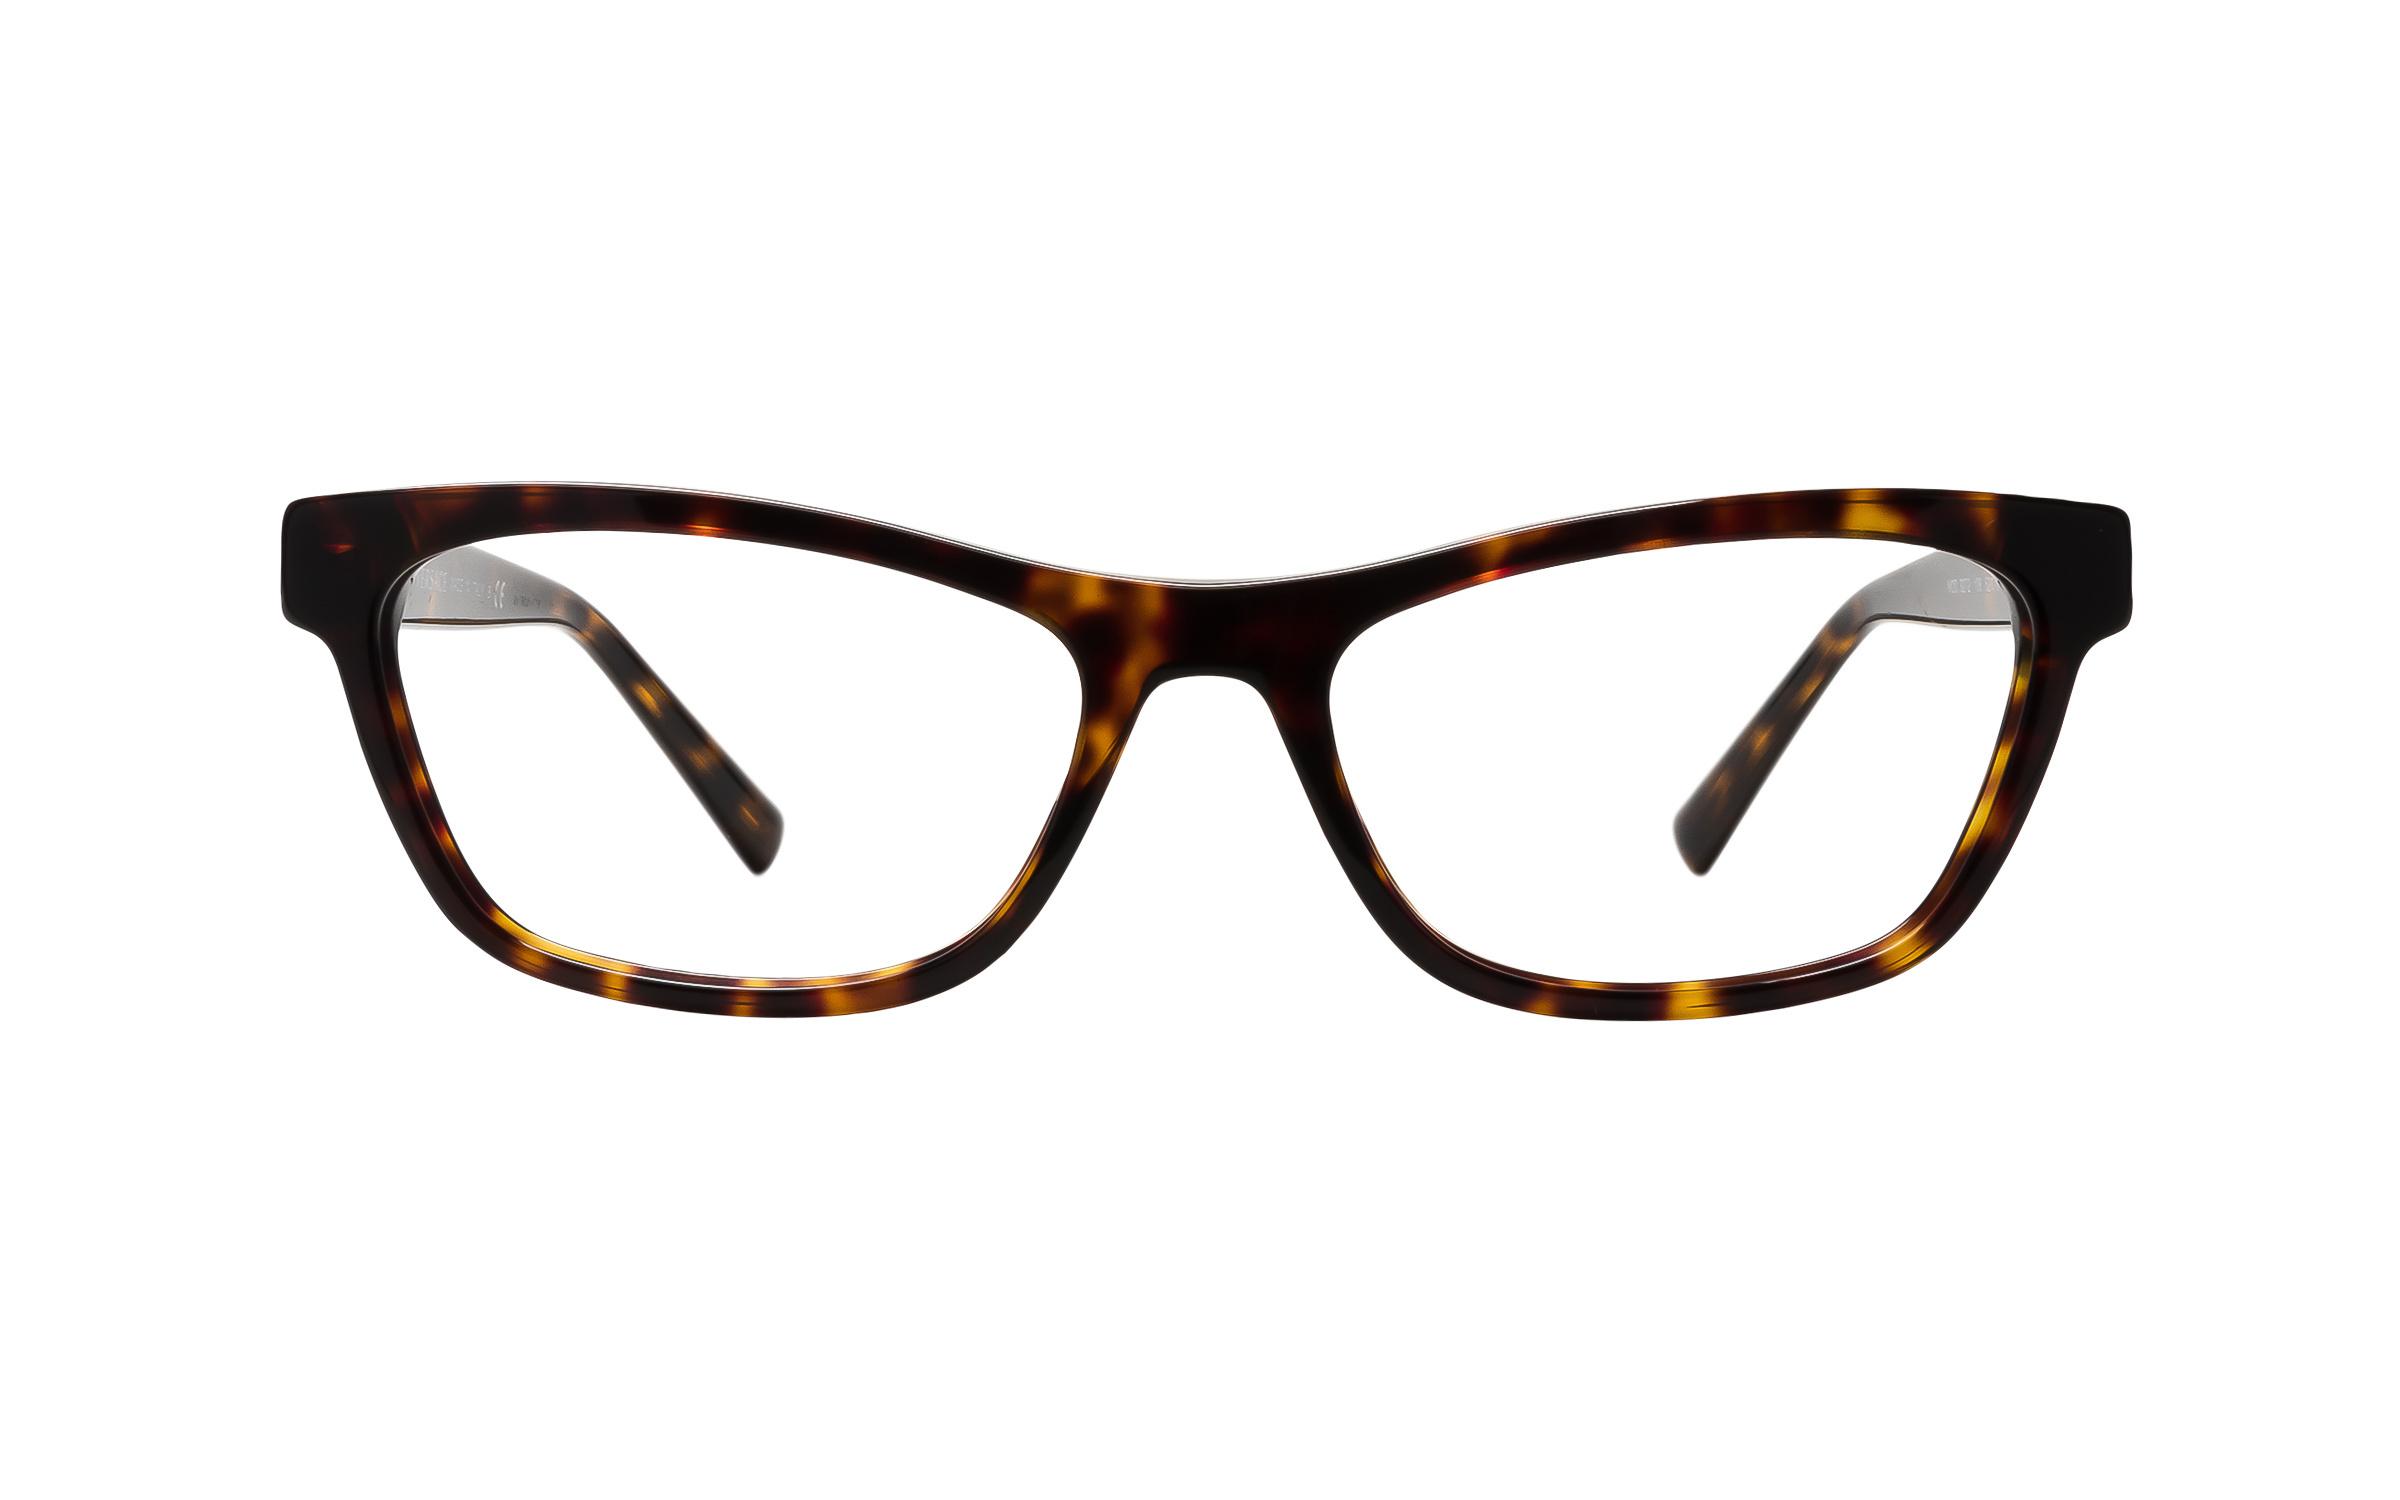 Luxottica Versace VE3272 108 (52) Eyeglasses and Frame in Brown/Tortoise | Metal - Online